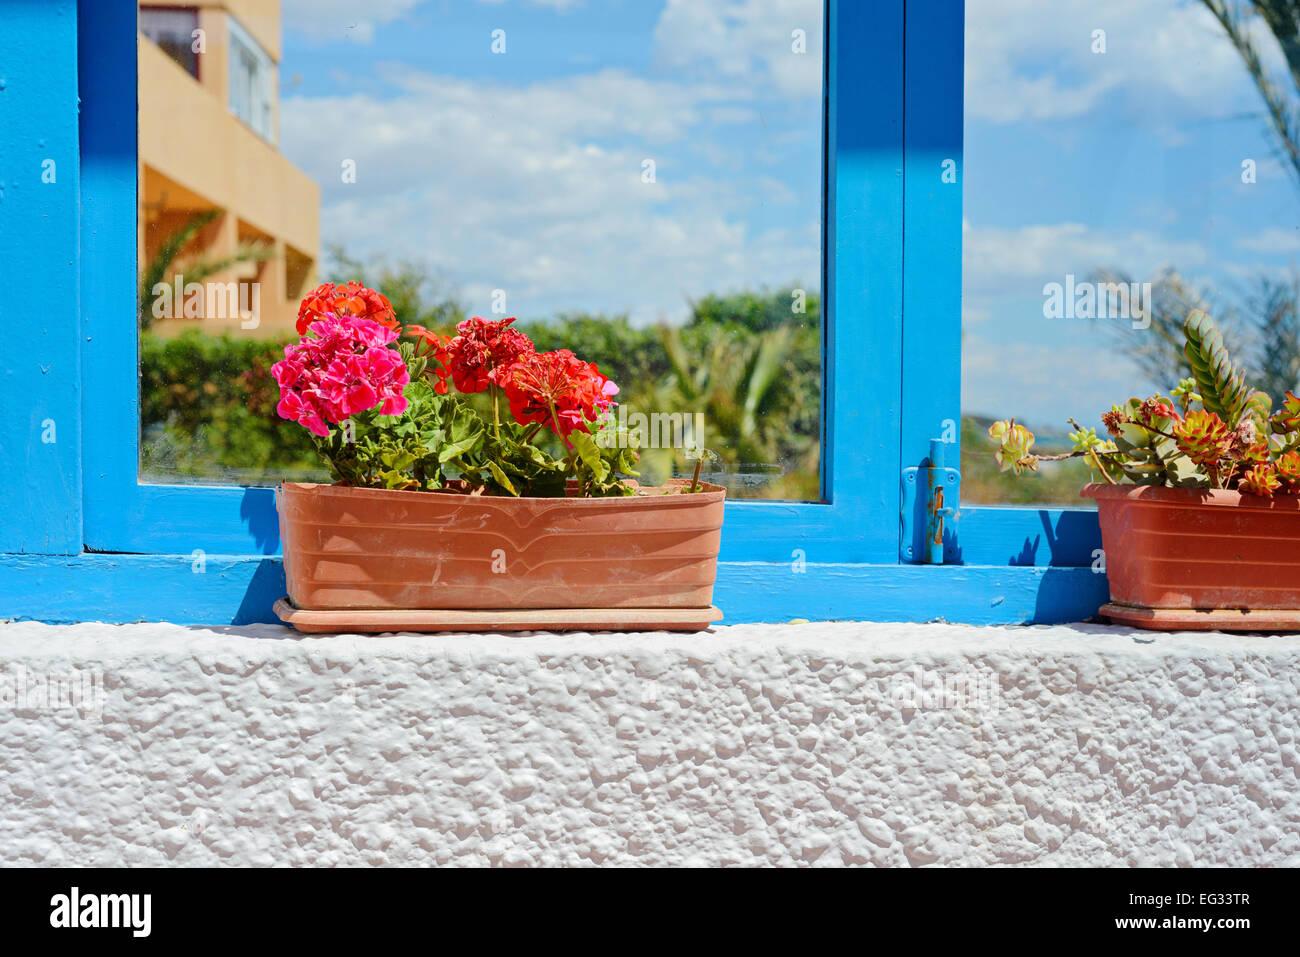 window geranium pelargonium flower stockfotos window geranium pelargonium flower bilder alamy. Black Bedroom Furniture Sets. Home Design Ideas